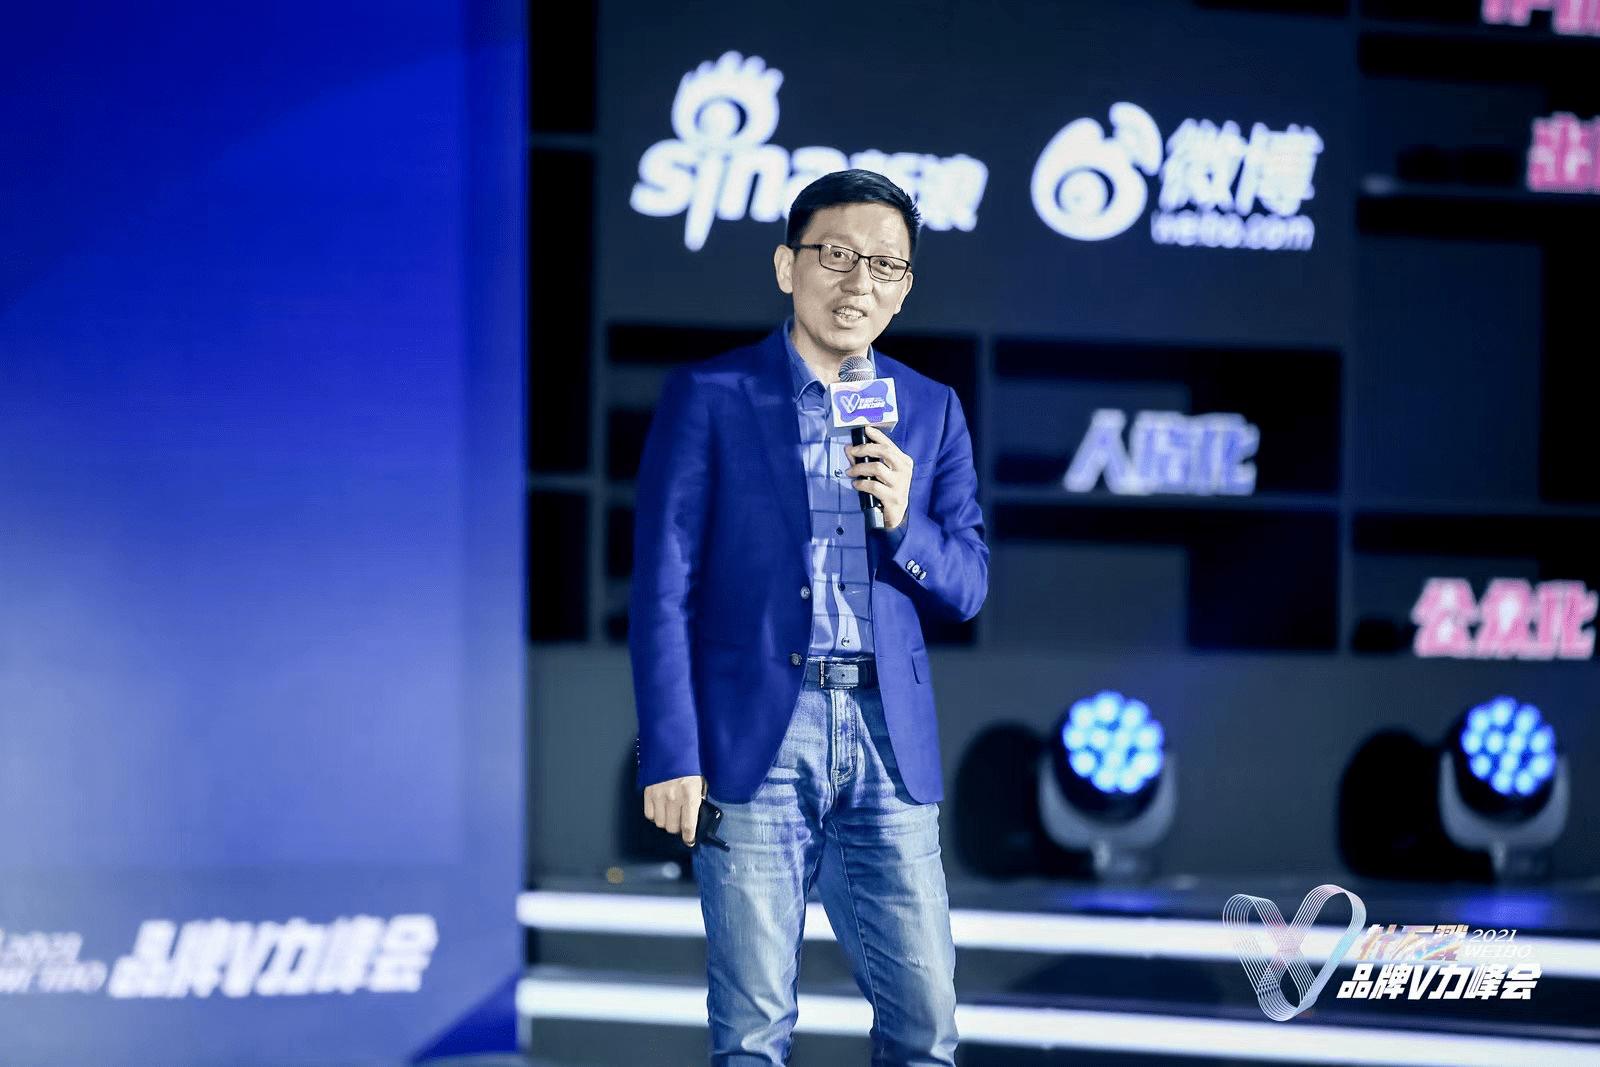 """顾均辉出席微博品牌V力峰会,发表""""新消费时代下的企业战略突围""""主题演讲"""